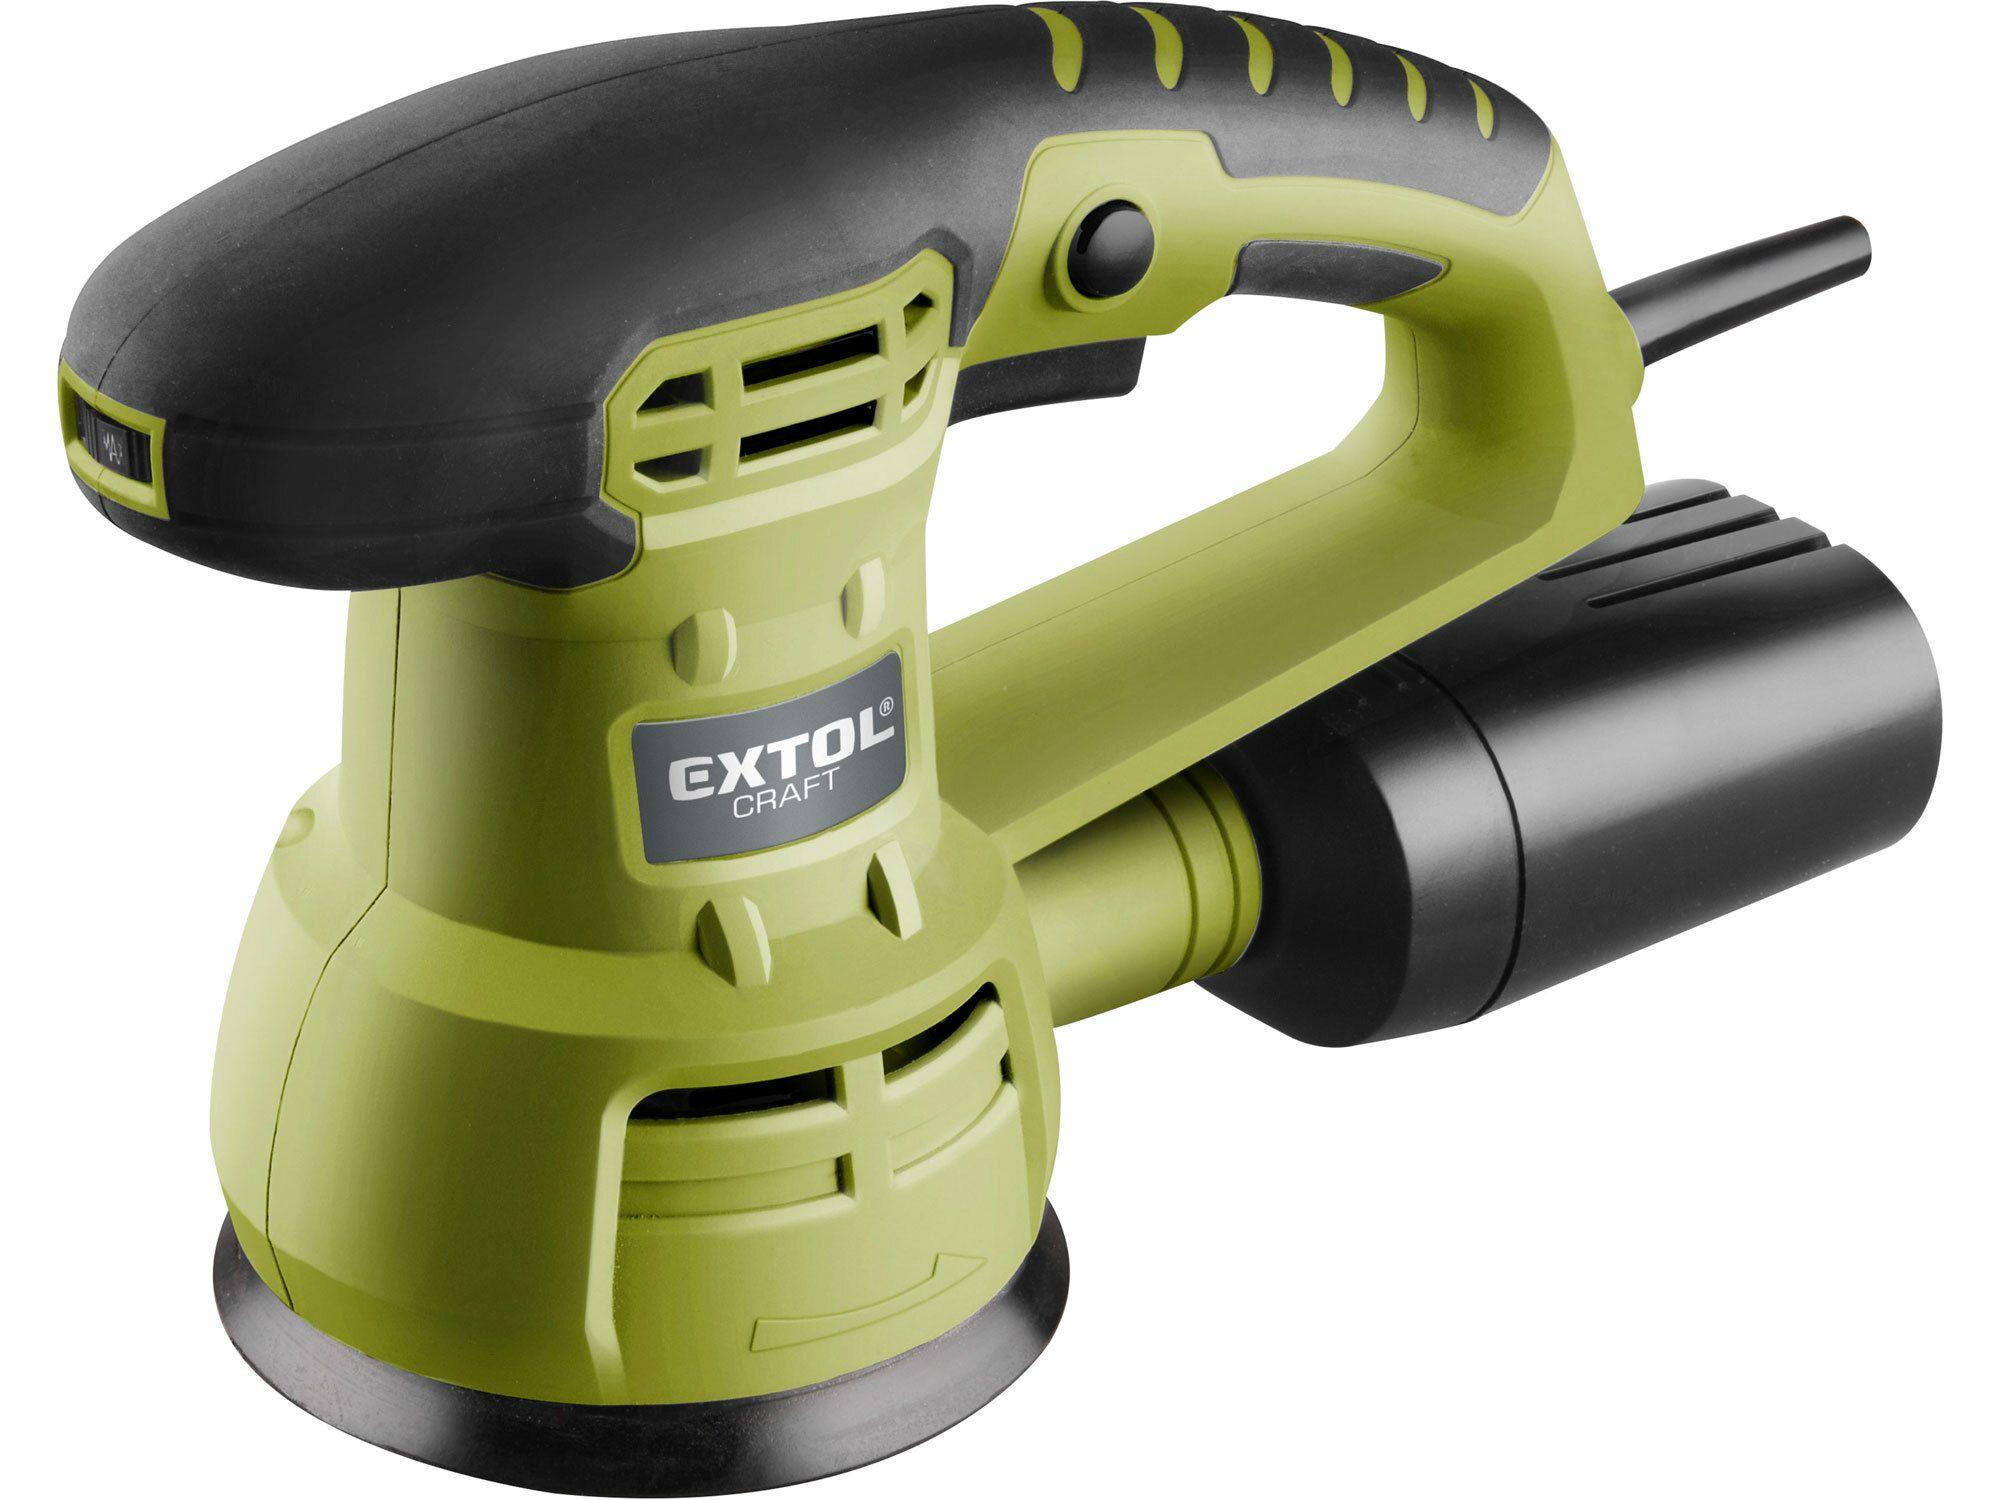 Bruska vibrační excentrická, 430W, 125mm, EXTOL CRAFT, 407202